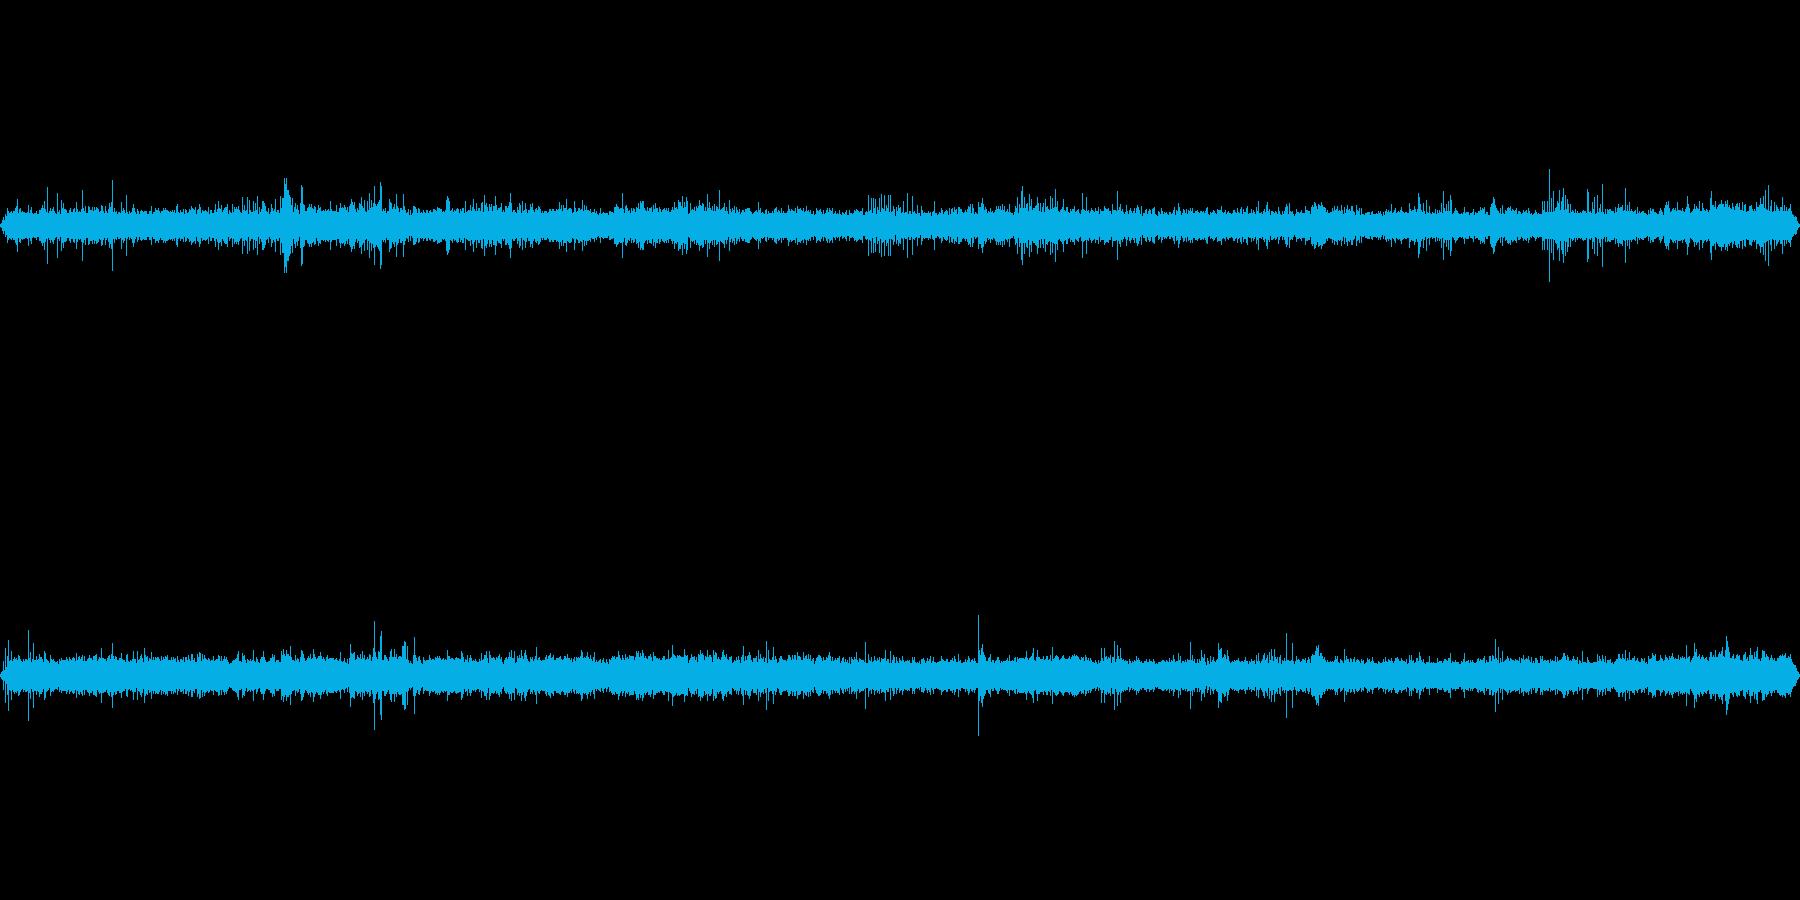 新宿歩行者天国の雰囲気(長尺)の再生済みの波形